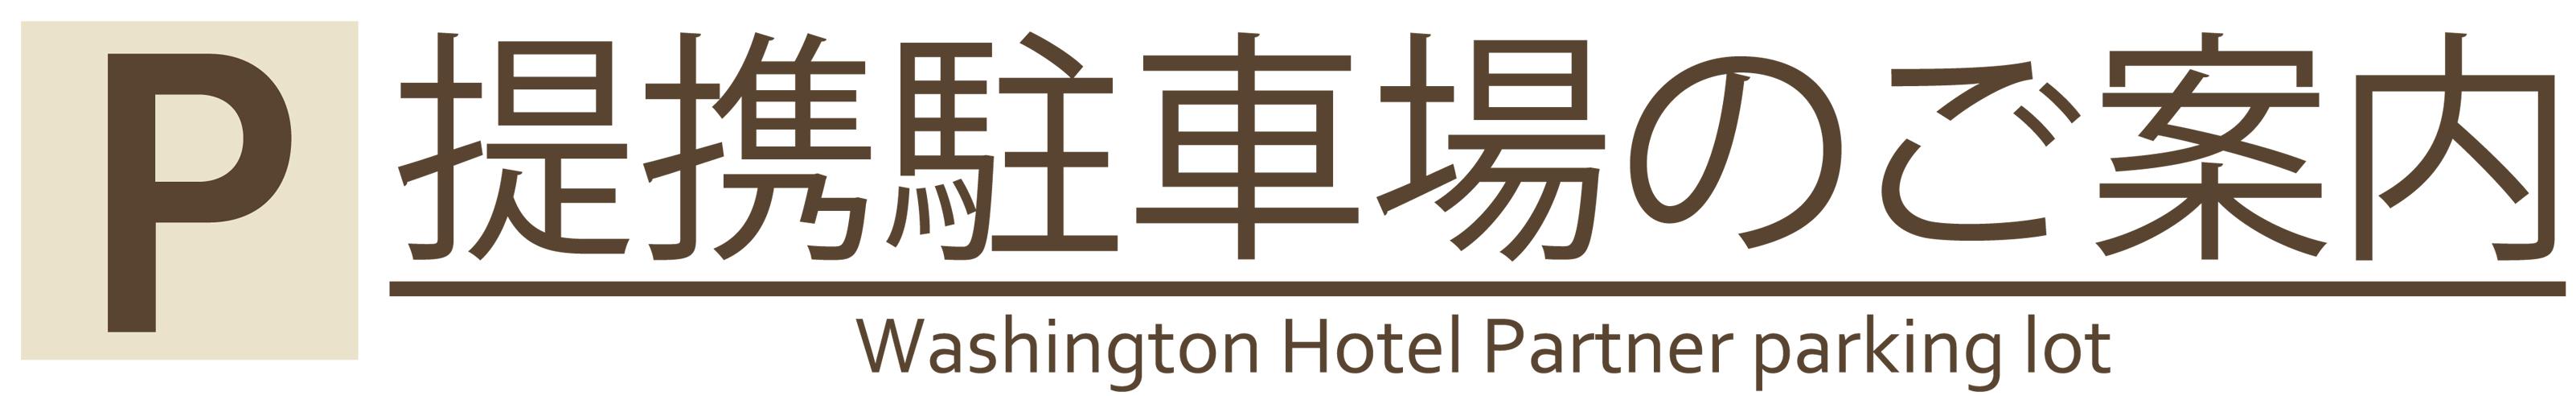 広島ワシントンホテル 提携駐車場のご案内